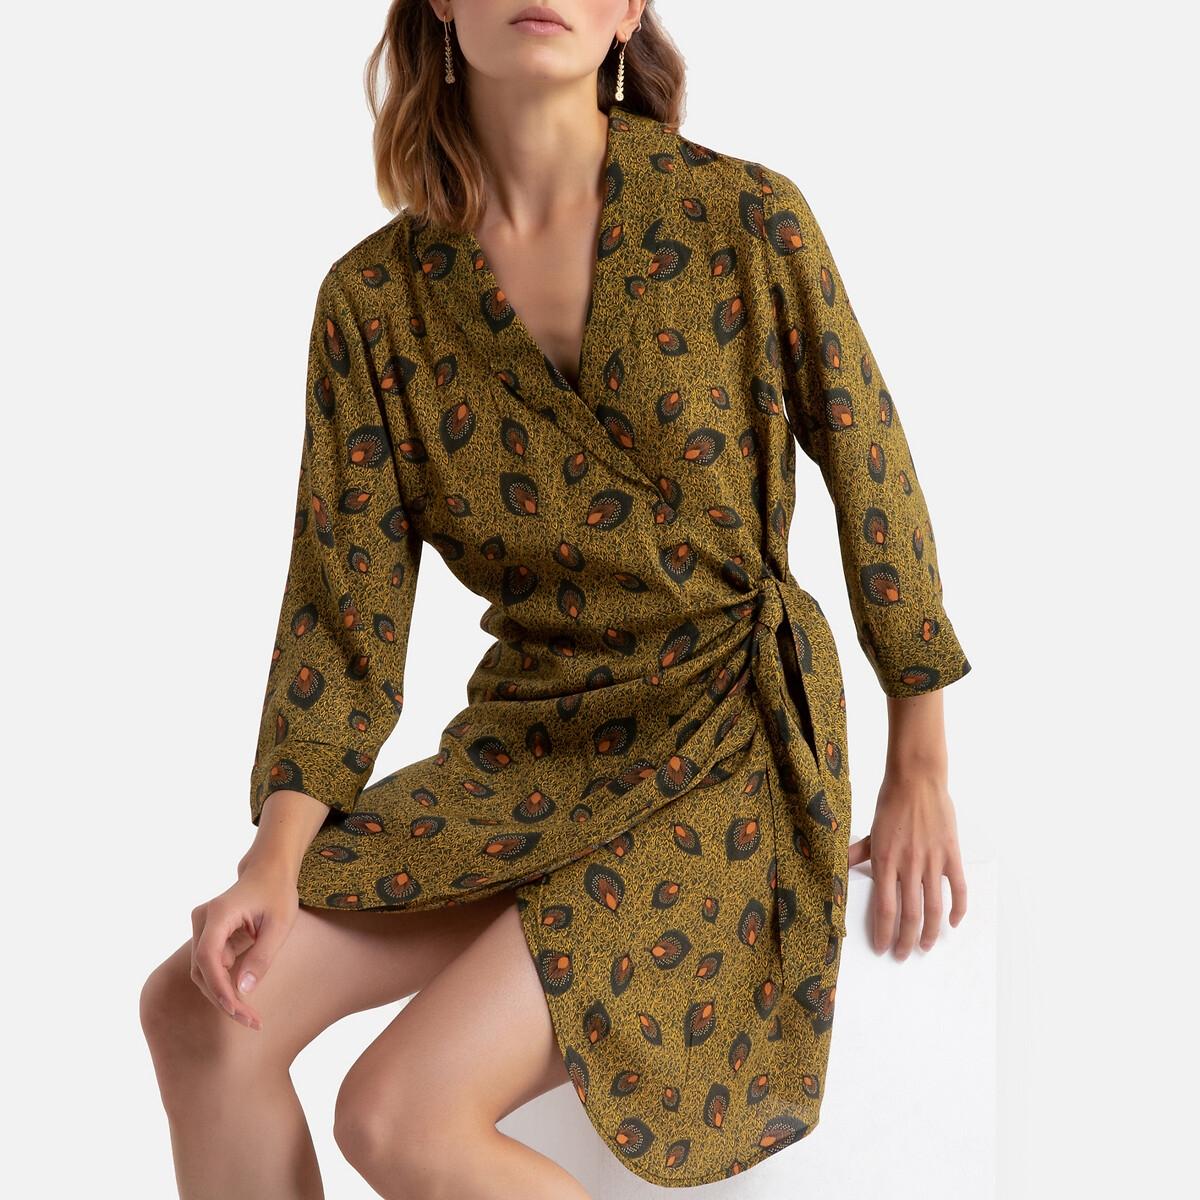 Платье La Redoute С запахом с принтом рукава 34 34 (FR) - 40 (RUS) желтый кеды сникеры la redoute с крокодиловым принтом 38 желтый